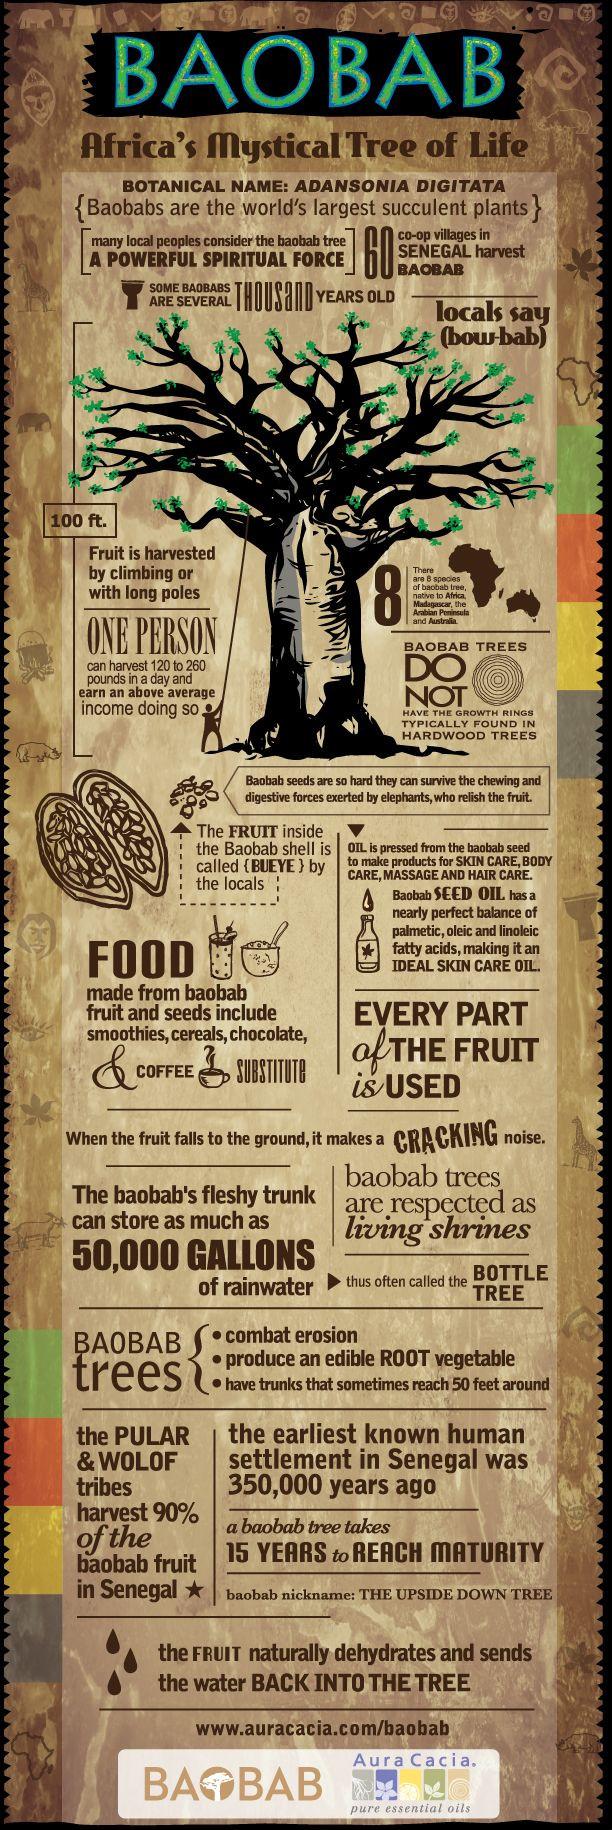 hoe kun je de baobab, Afrika's mystieke levensboom, gebruiken?